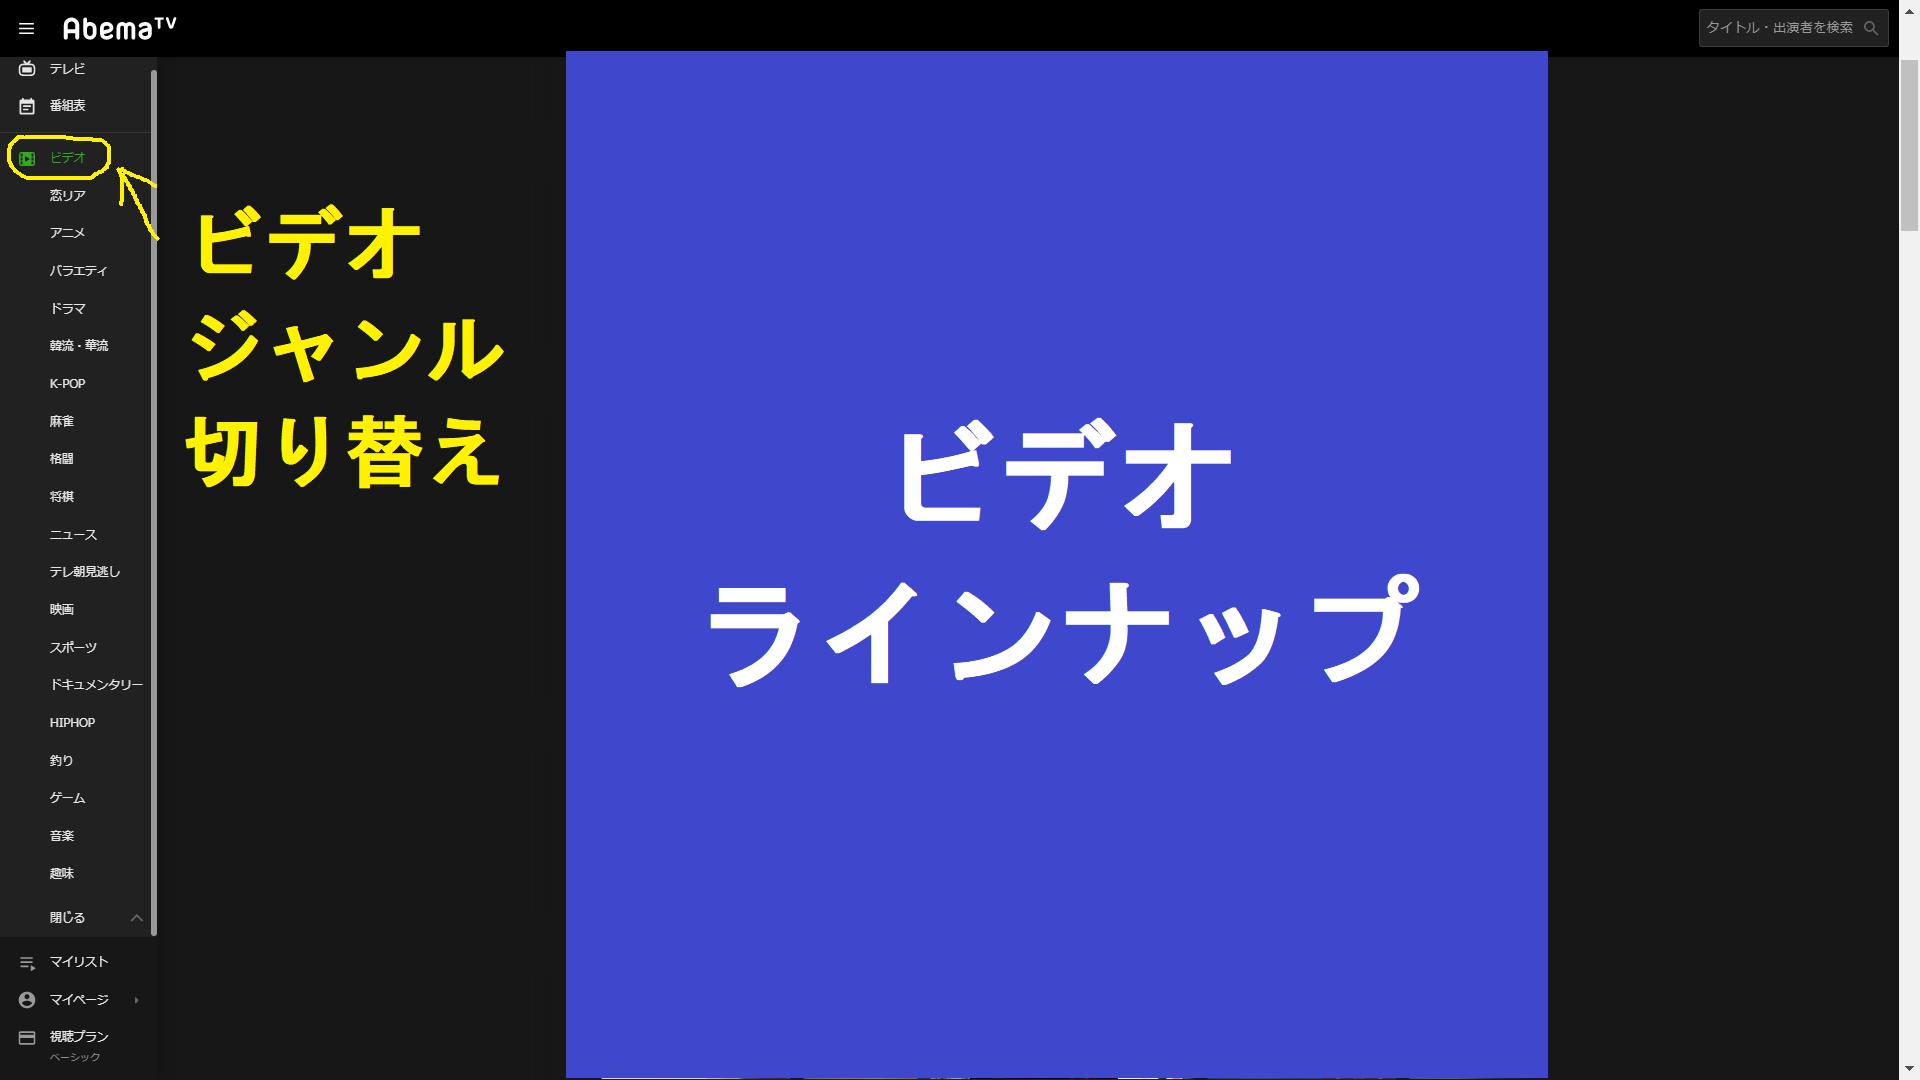 ブラウザ版ABEMAビデオのTOP画面